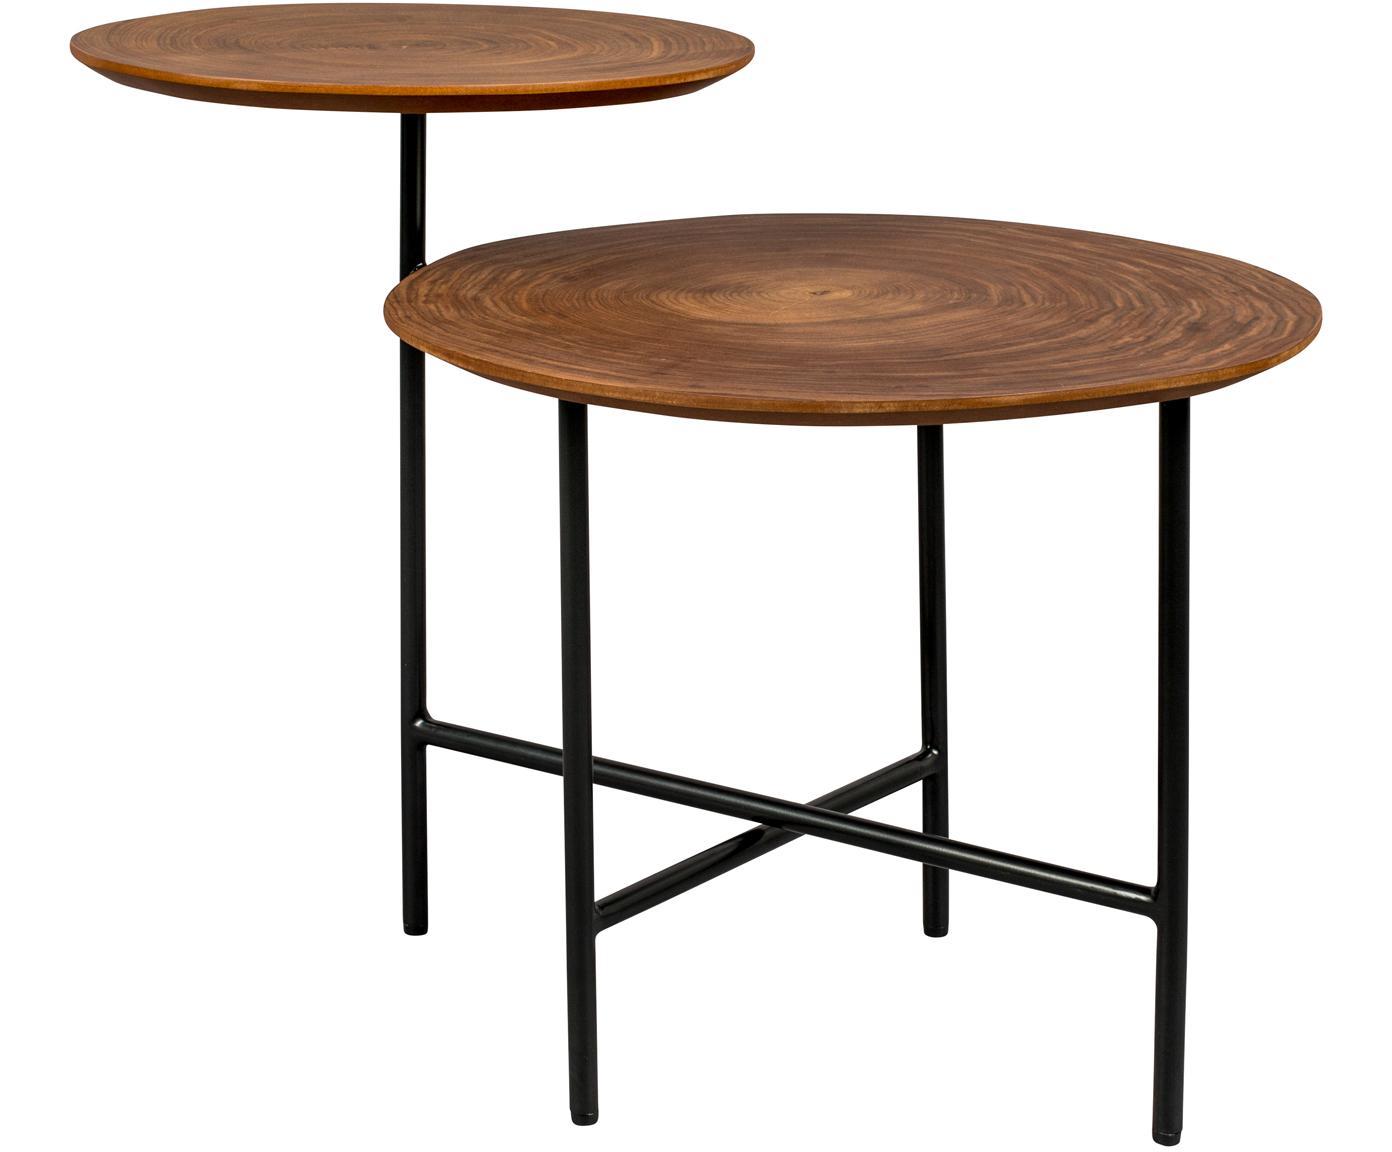 Tavolino con ripiani in legno Mathison, Struttura: metallo, verniciato a pol, Ripiani: pannello di fibra a media, Nero, albero di noce, Larg. 75 x Prof. 49 cm